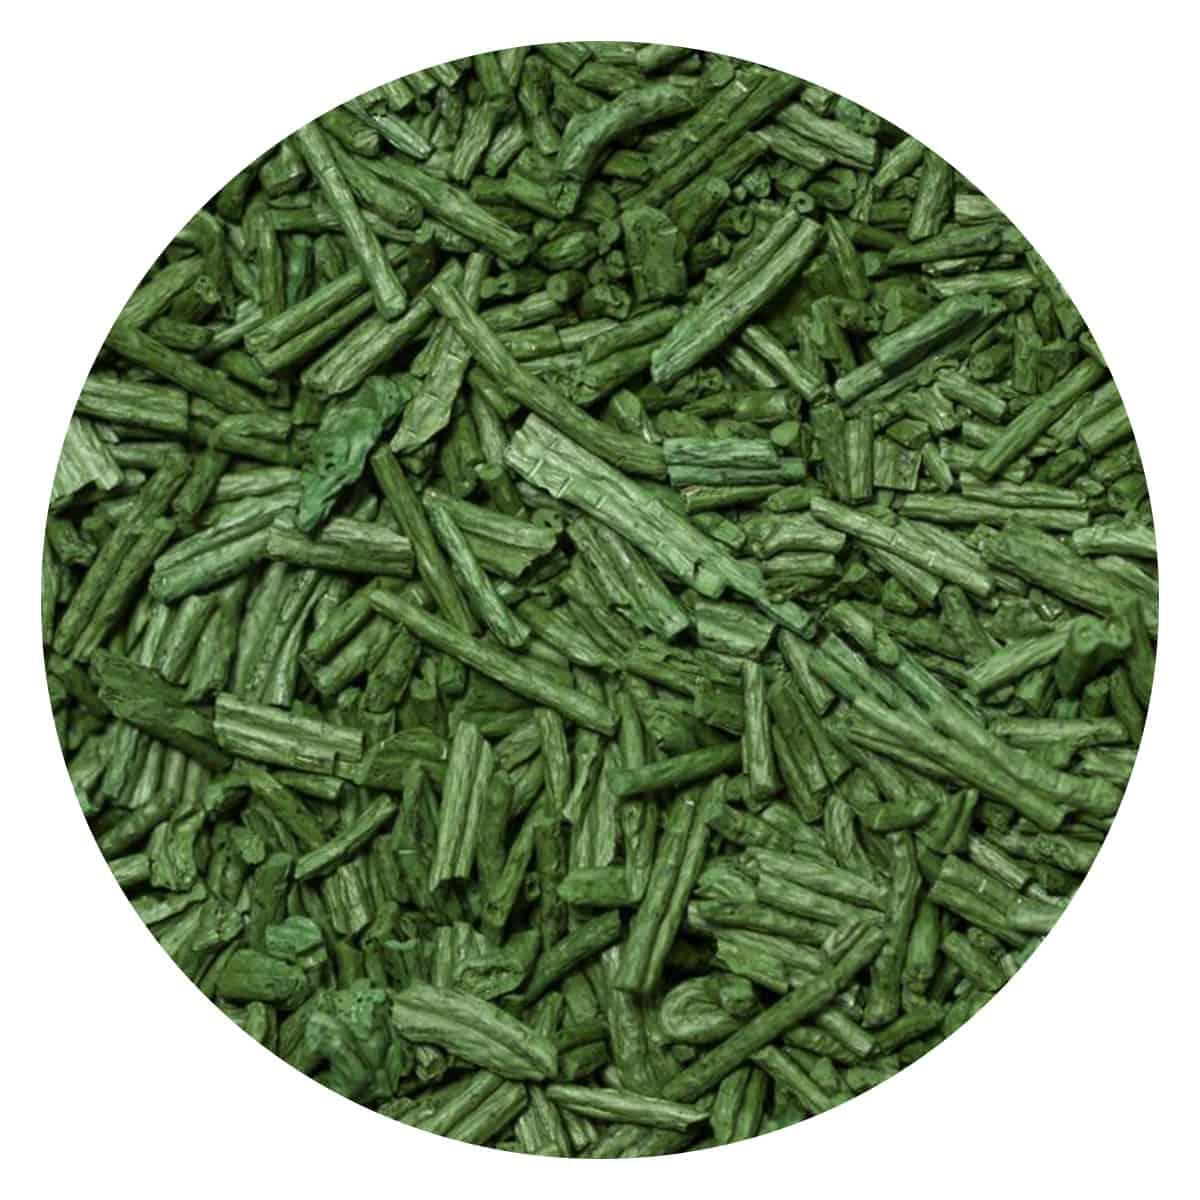 Buy IAG Foods Spirulina - 95 gm